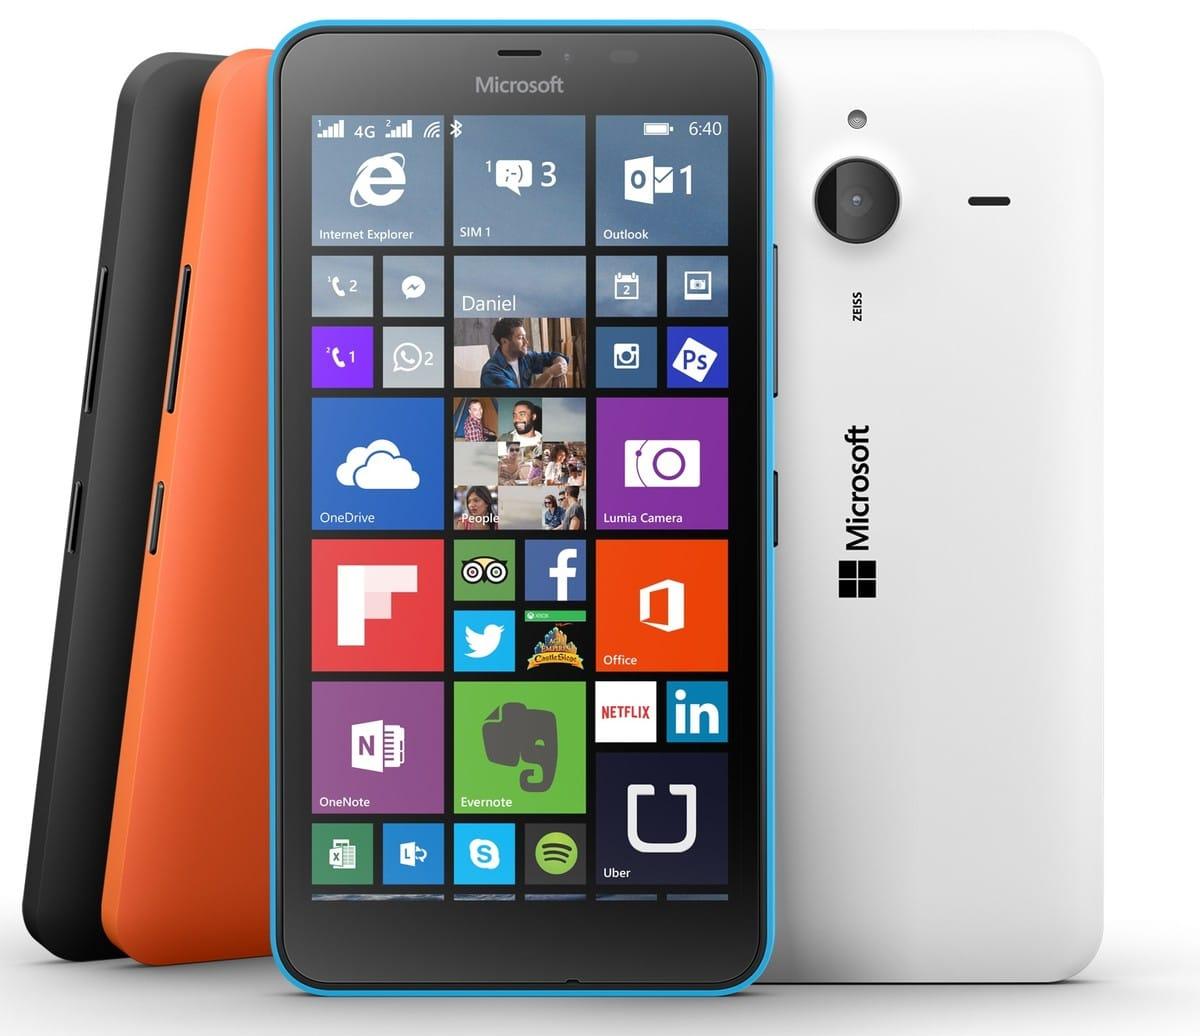 El Microsoft Lumia 640 XL comenzará a comercializarse aen marzo y el Lumia 640 en abril.